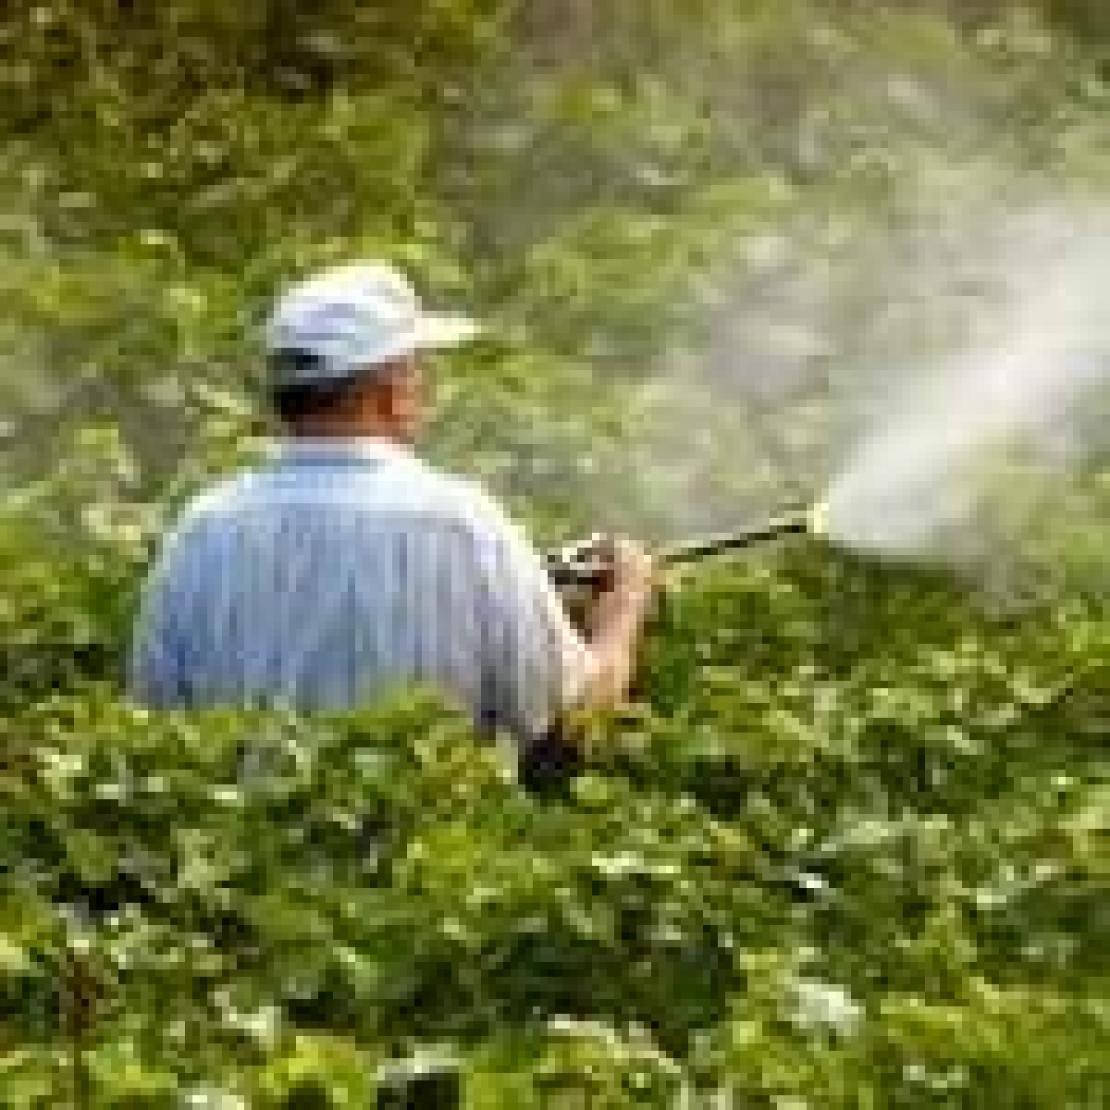 Dal 1 gennaio 2014 verranno messi al bando i fitofarmaci ad elevata tossicità?